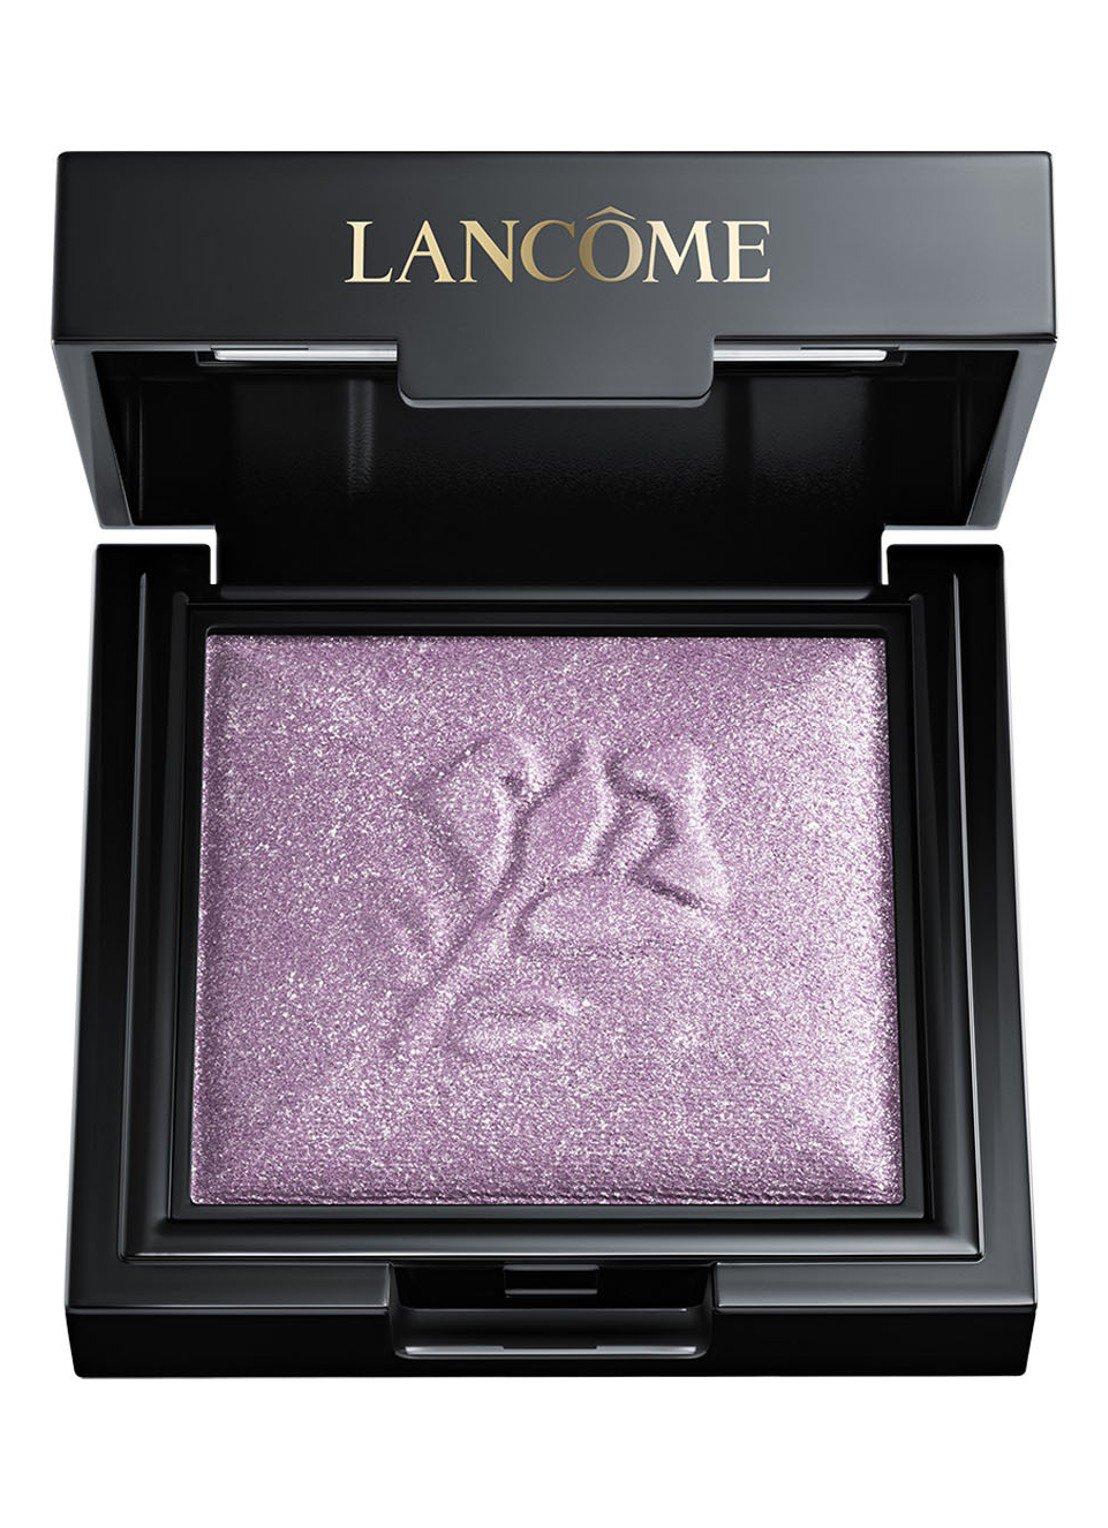 Lancôme Le Monochromatique - Limited Edition oogschaduw, blush & lipstick in de kleur Les Jours Heureux